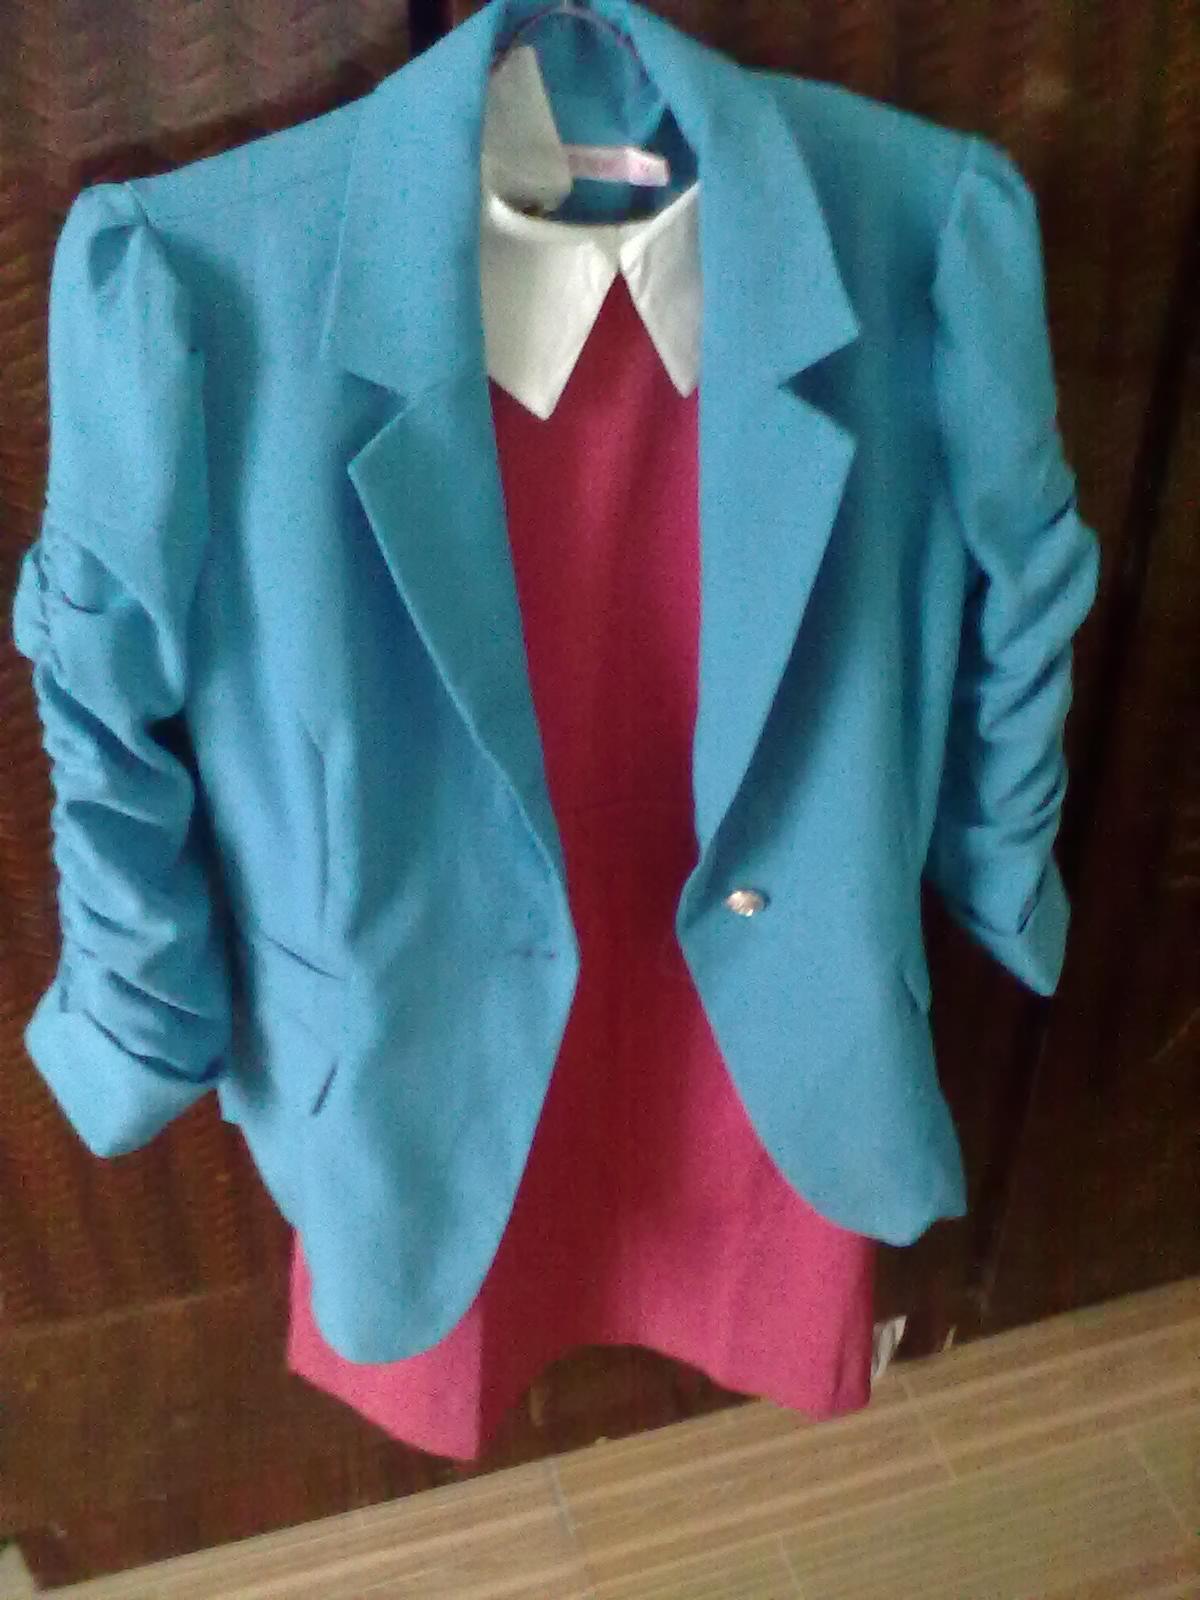 深蓝色配枚红色_湖蓝色衣服可以配玫红色裙子吗?